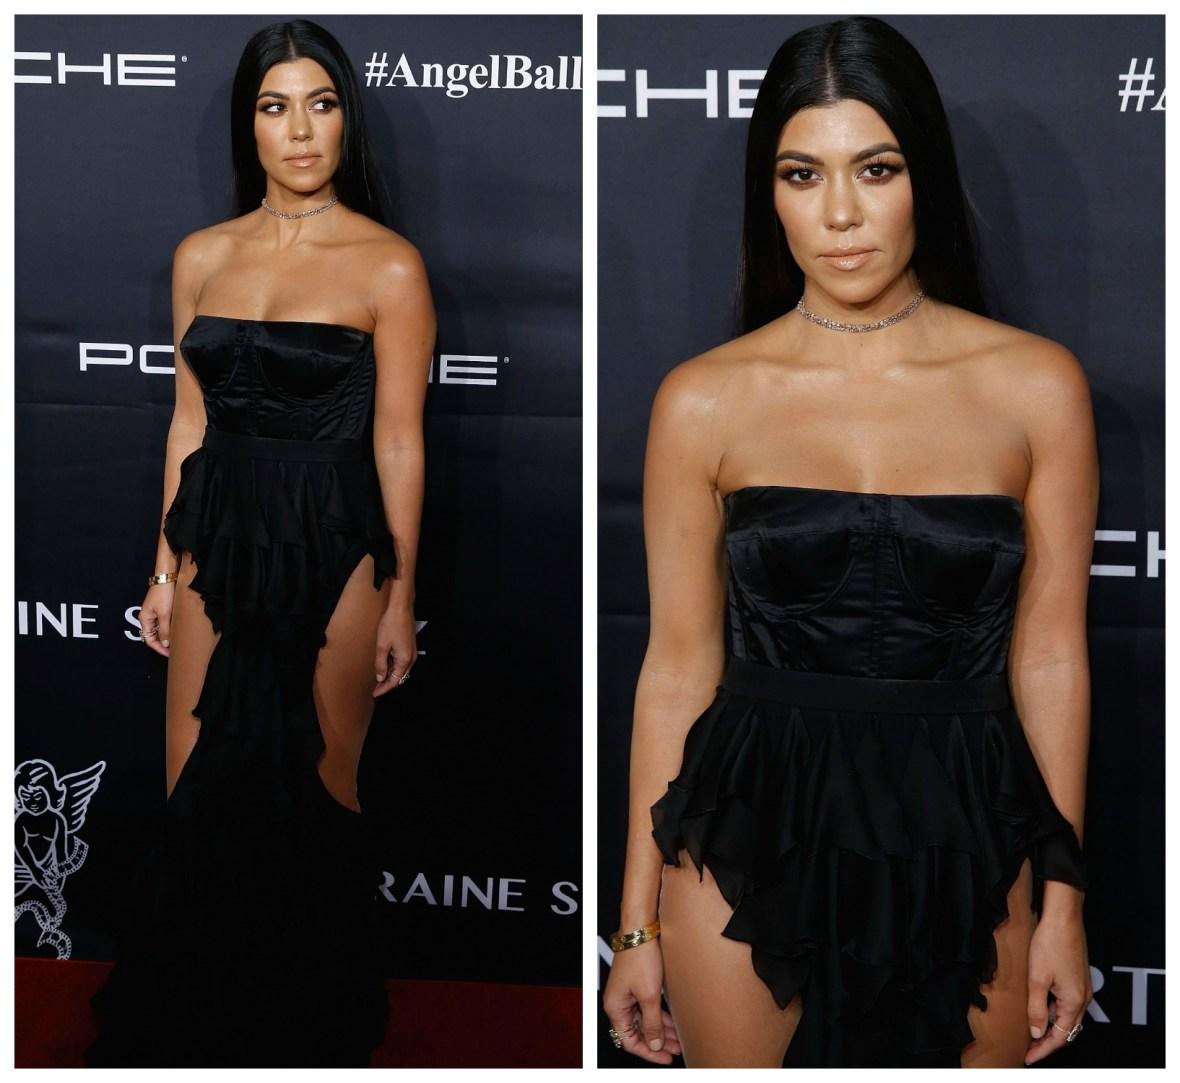 kourtney kardashian getty images